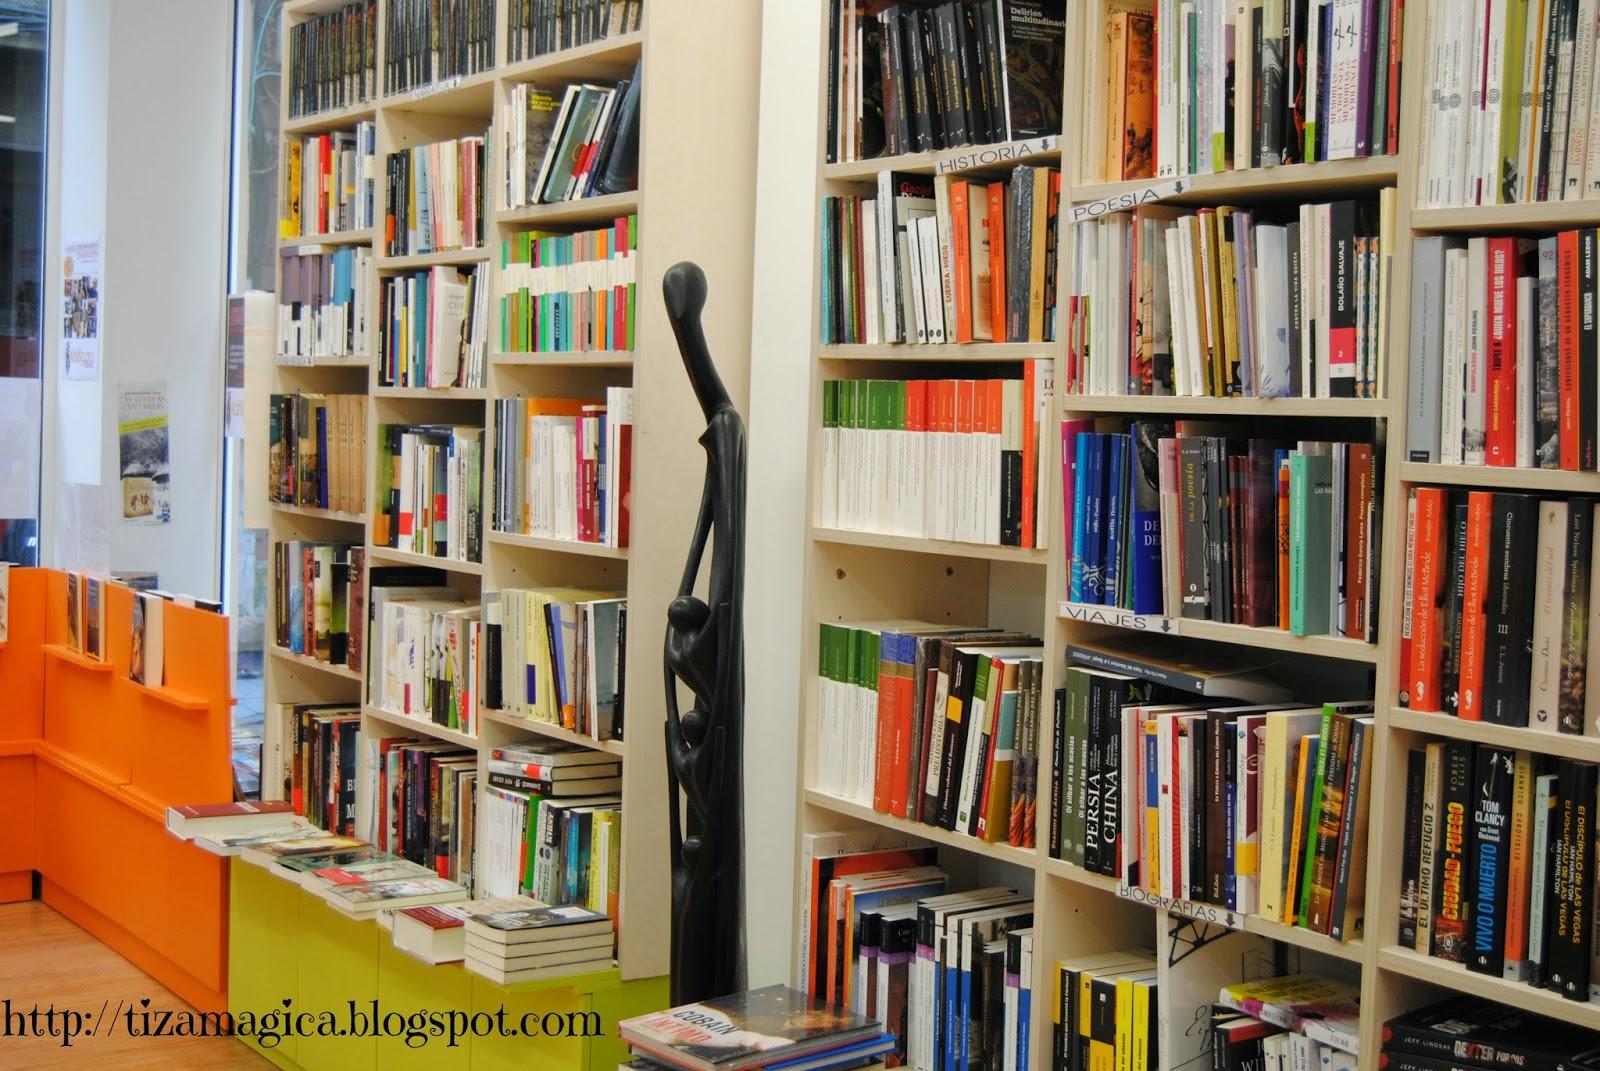 Conociendo un nuevo lugar: Librería Kattigara